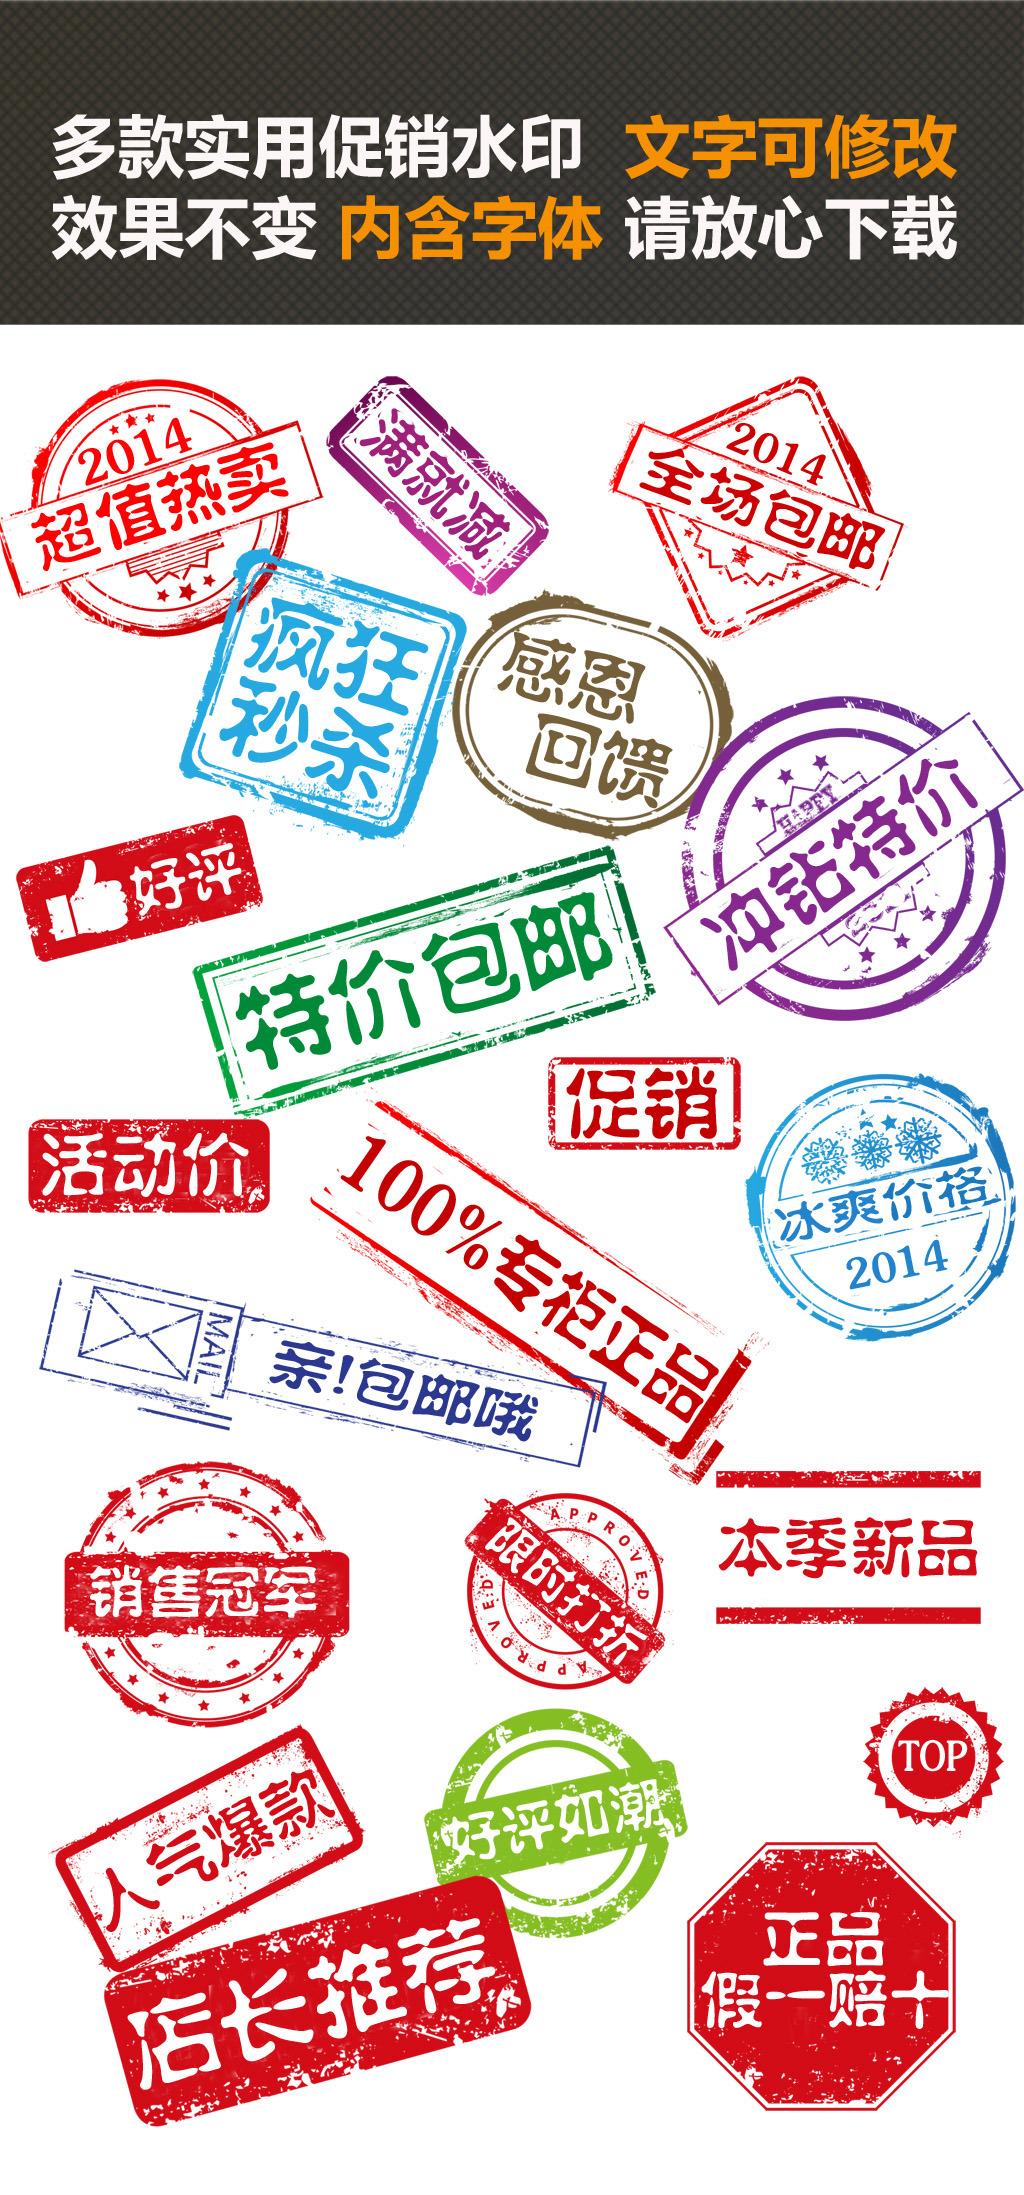 淘宝促销标签水印PSD素材模板下载 11910541 促销标签 淘宝素材 模